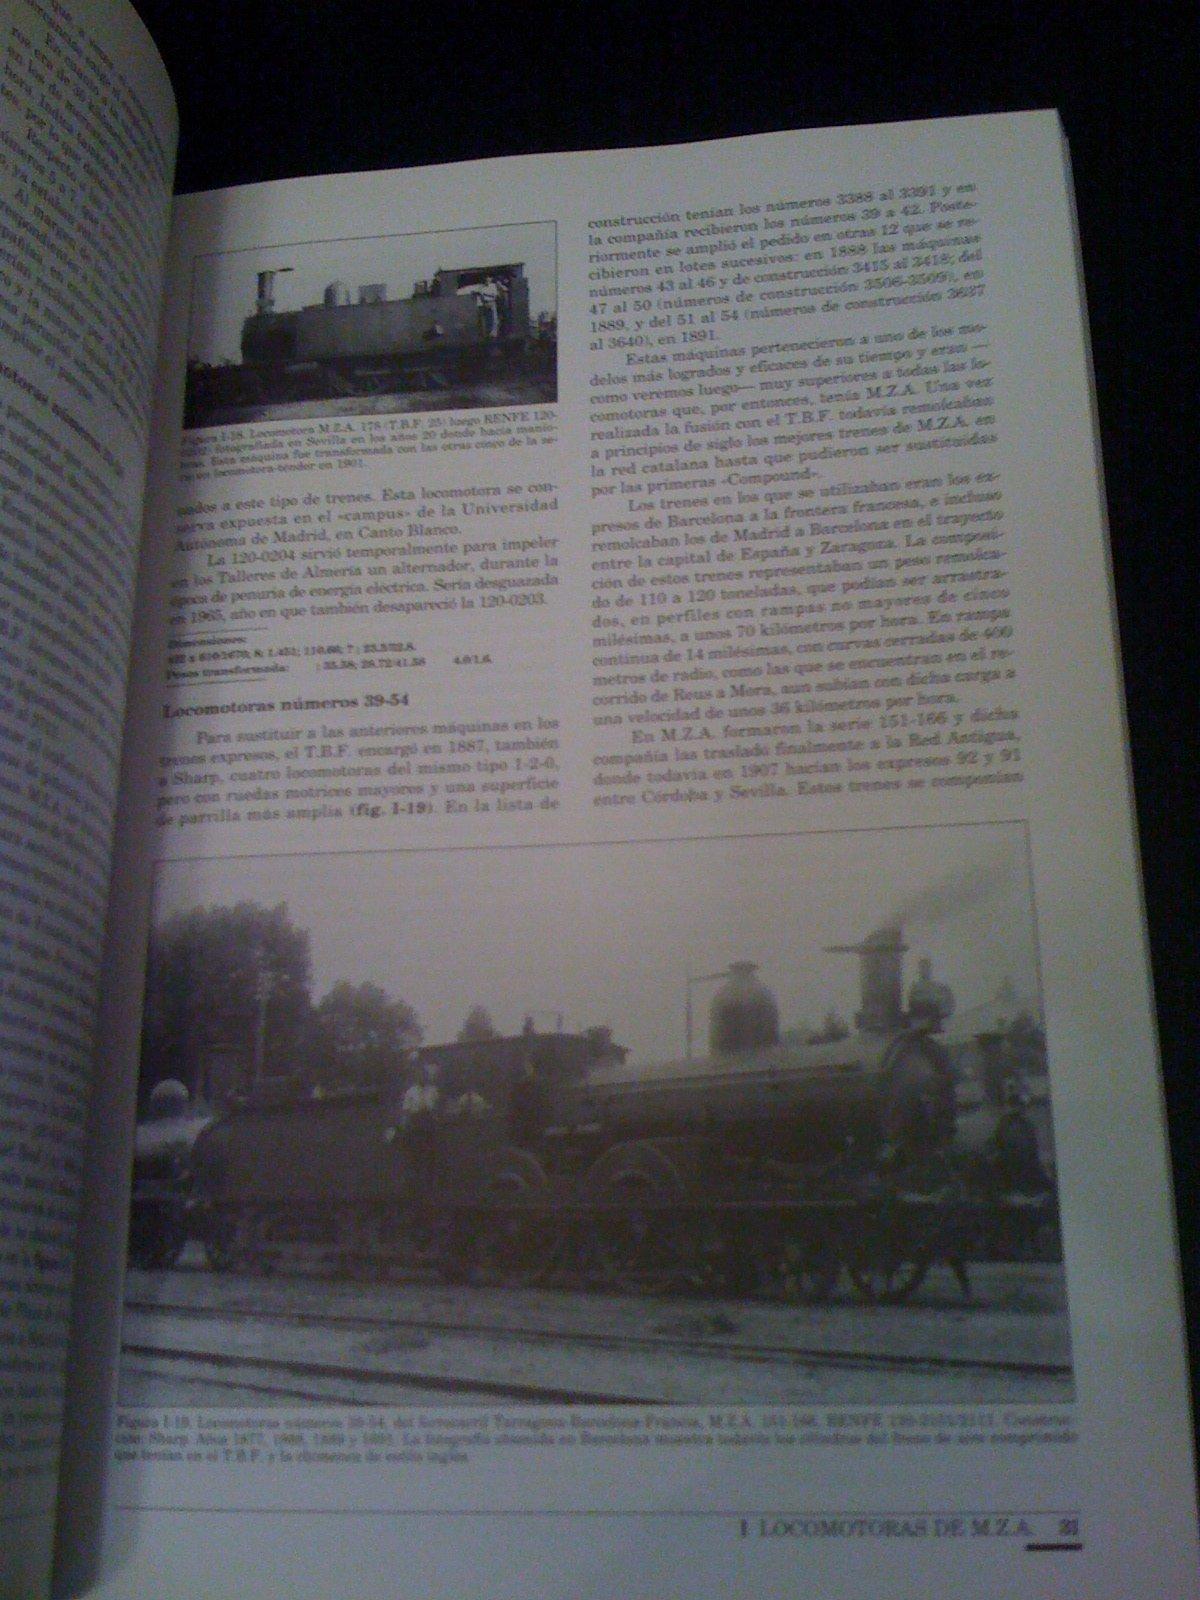 Historia de la traccion vapor en España I : locomotoras de m.z.a: Amazon.es: Fernando Fernandez Sanz, Reder: Libros